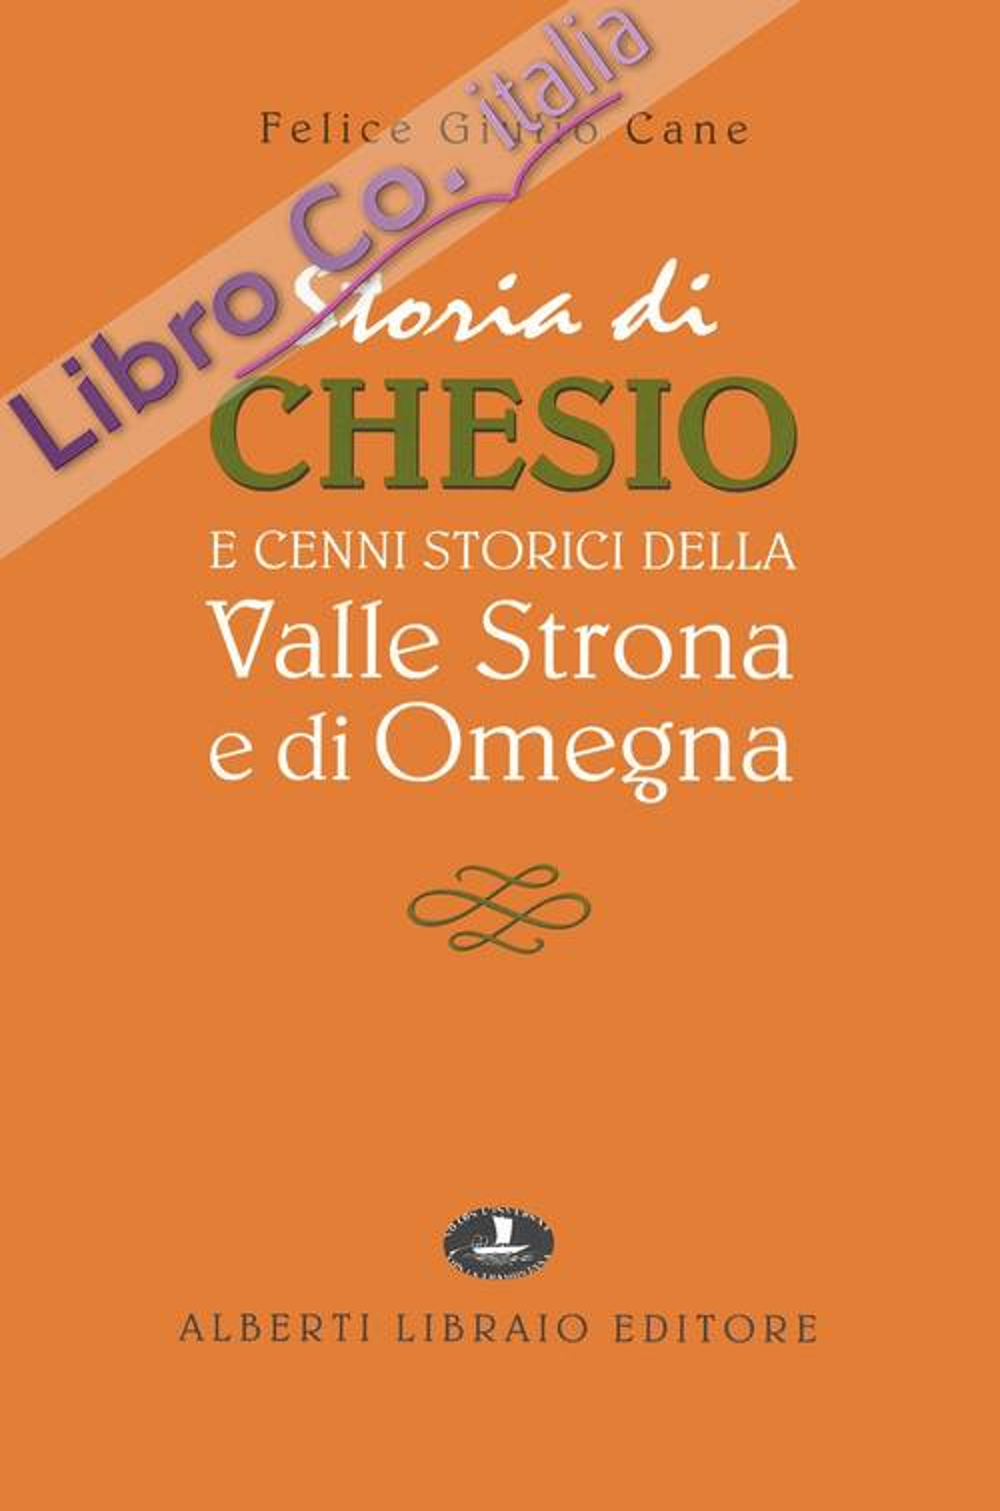 Chesio e la valle Strona.